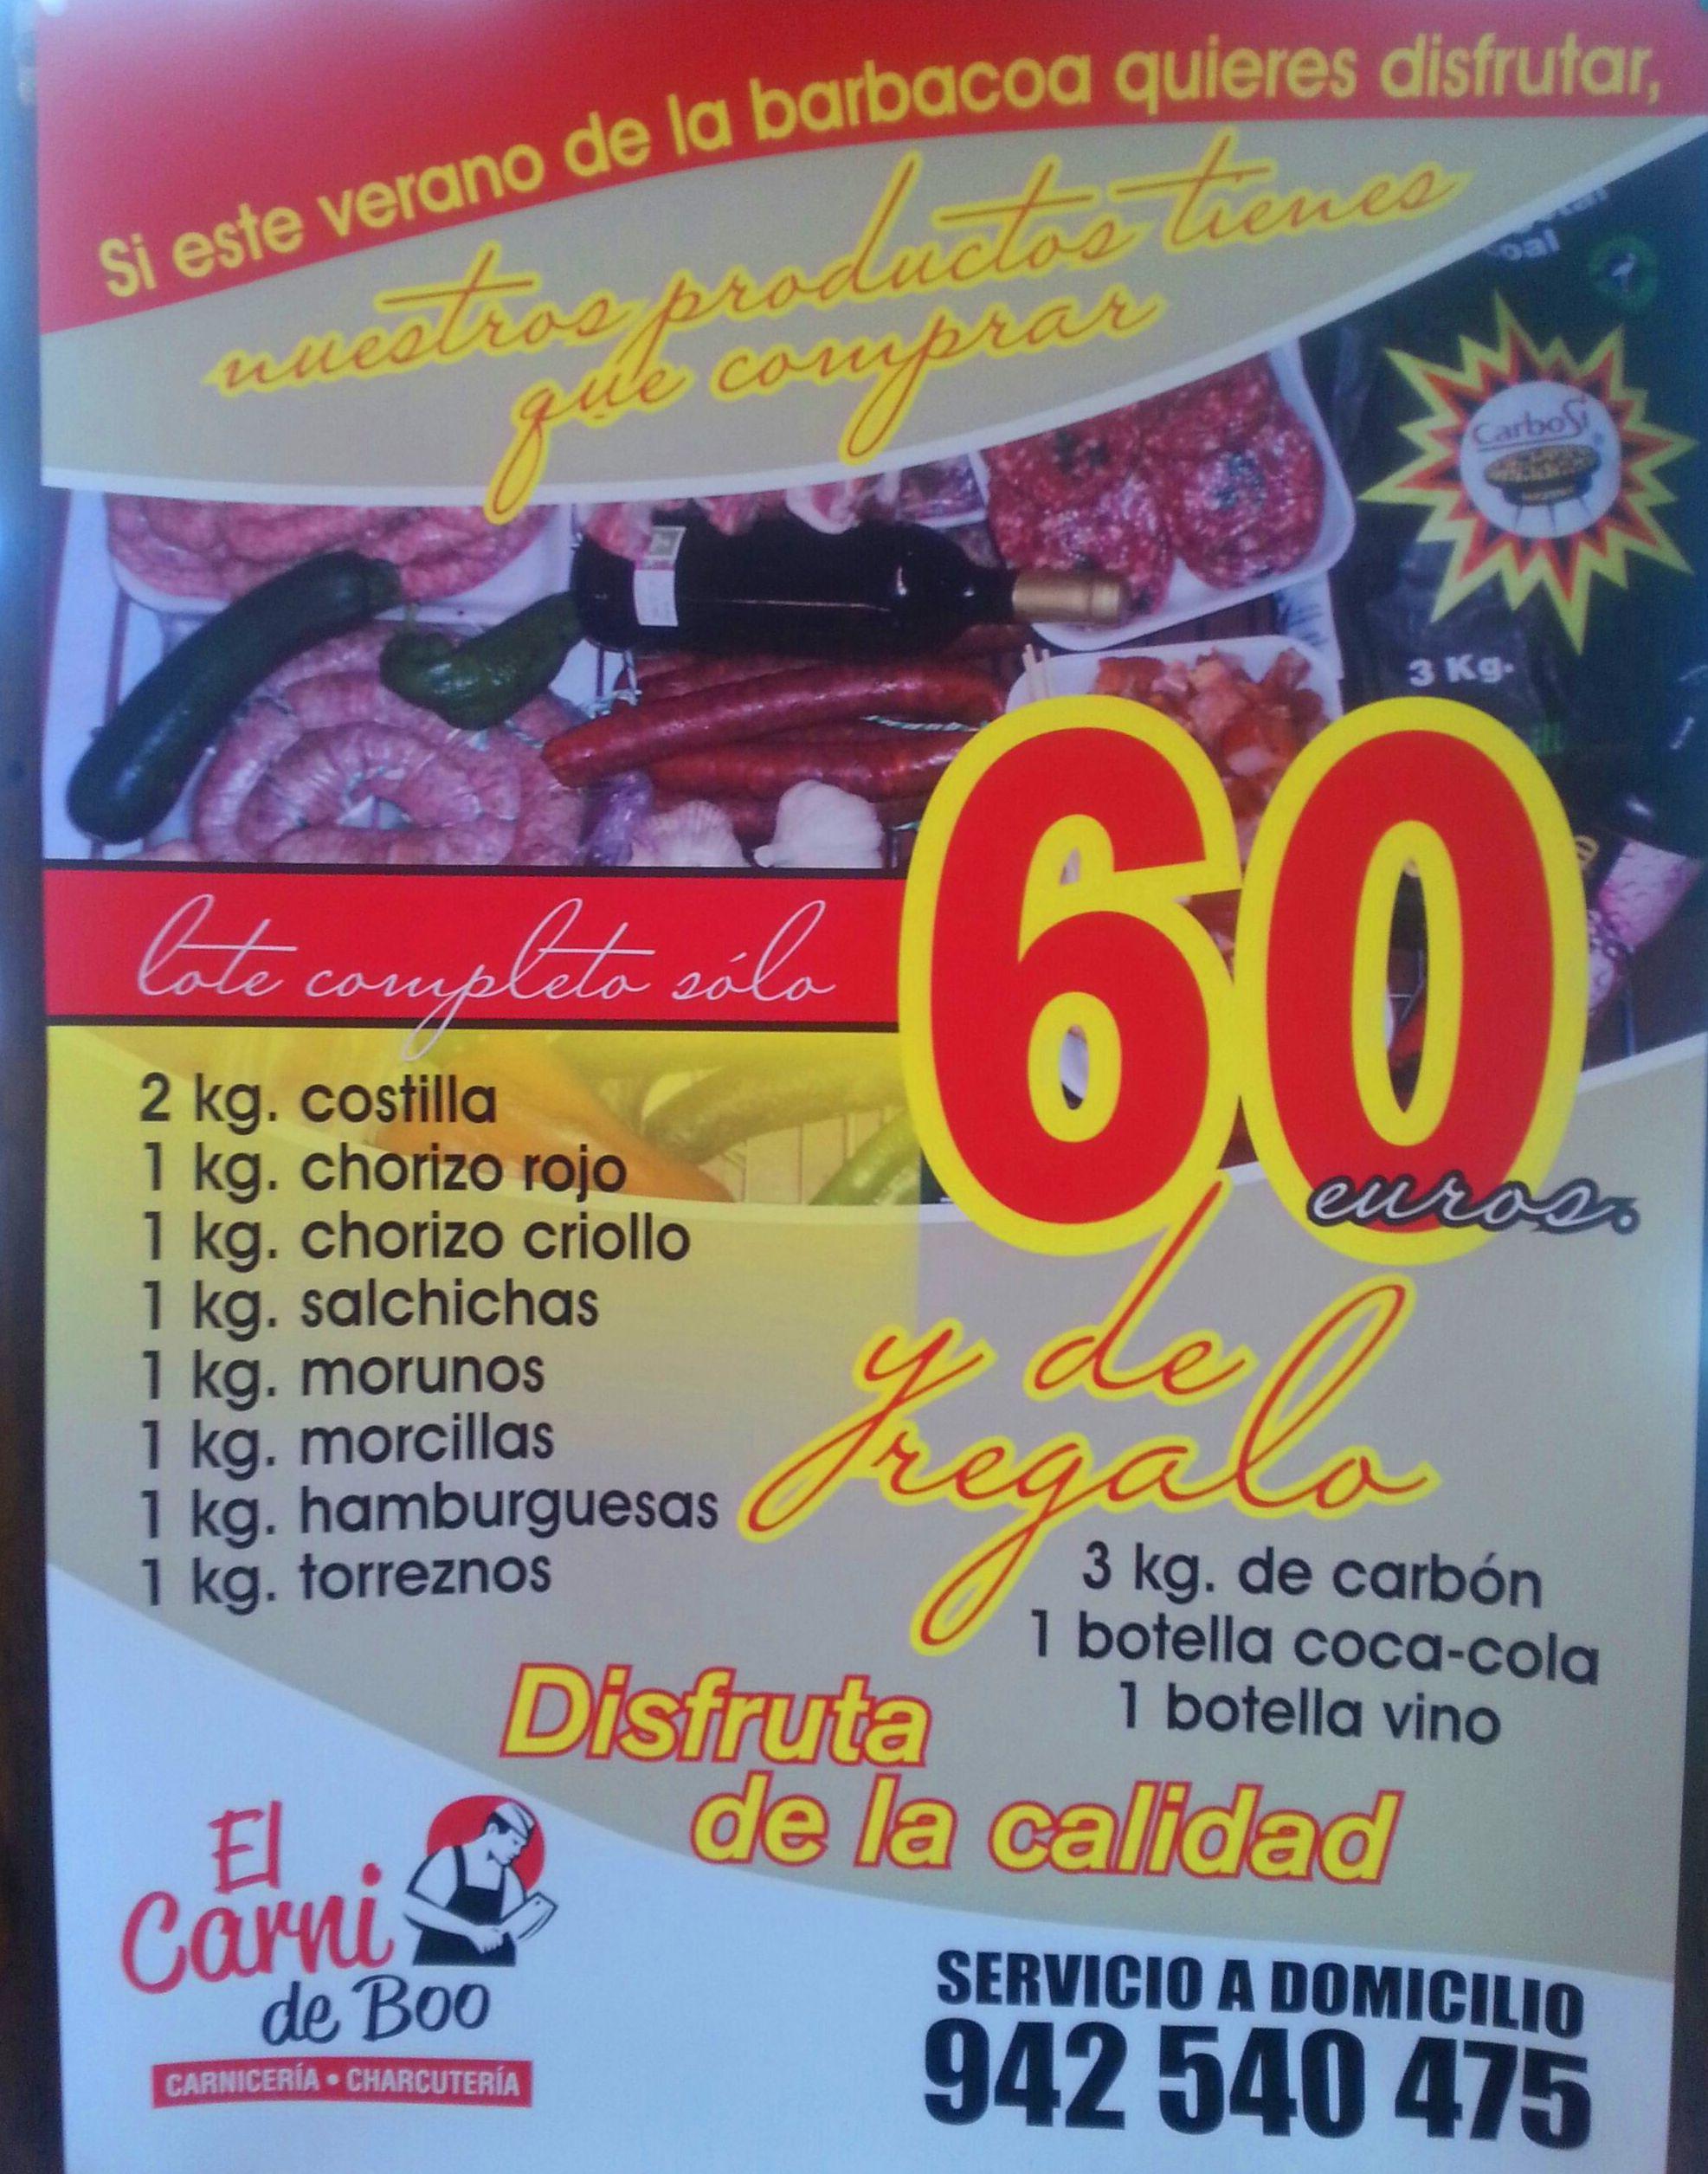 ¡¡¡Lote 9Kg. Especial Barbacoa para el Verano por 60€, y carbón, coca-cola y vino de regalo!!!